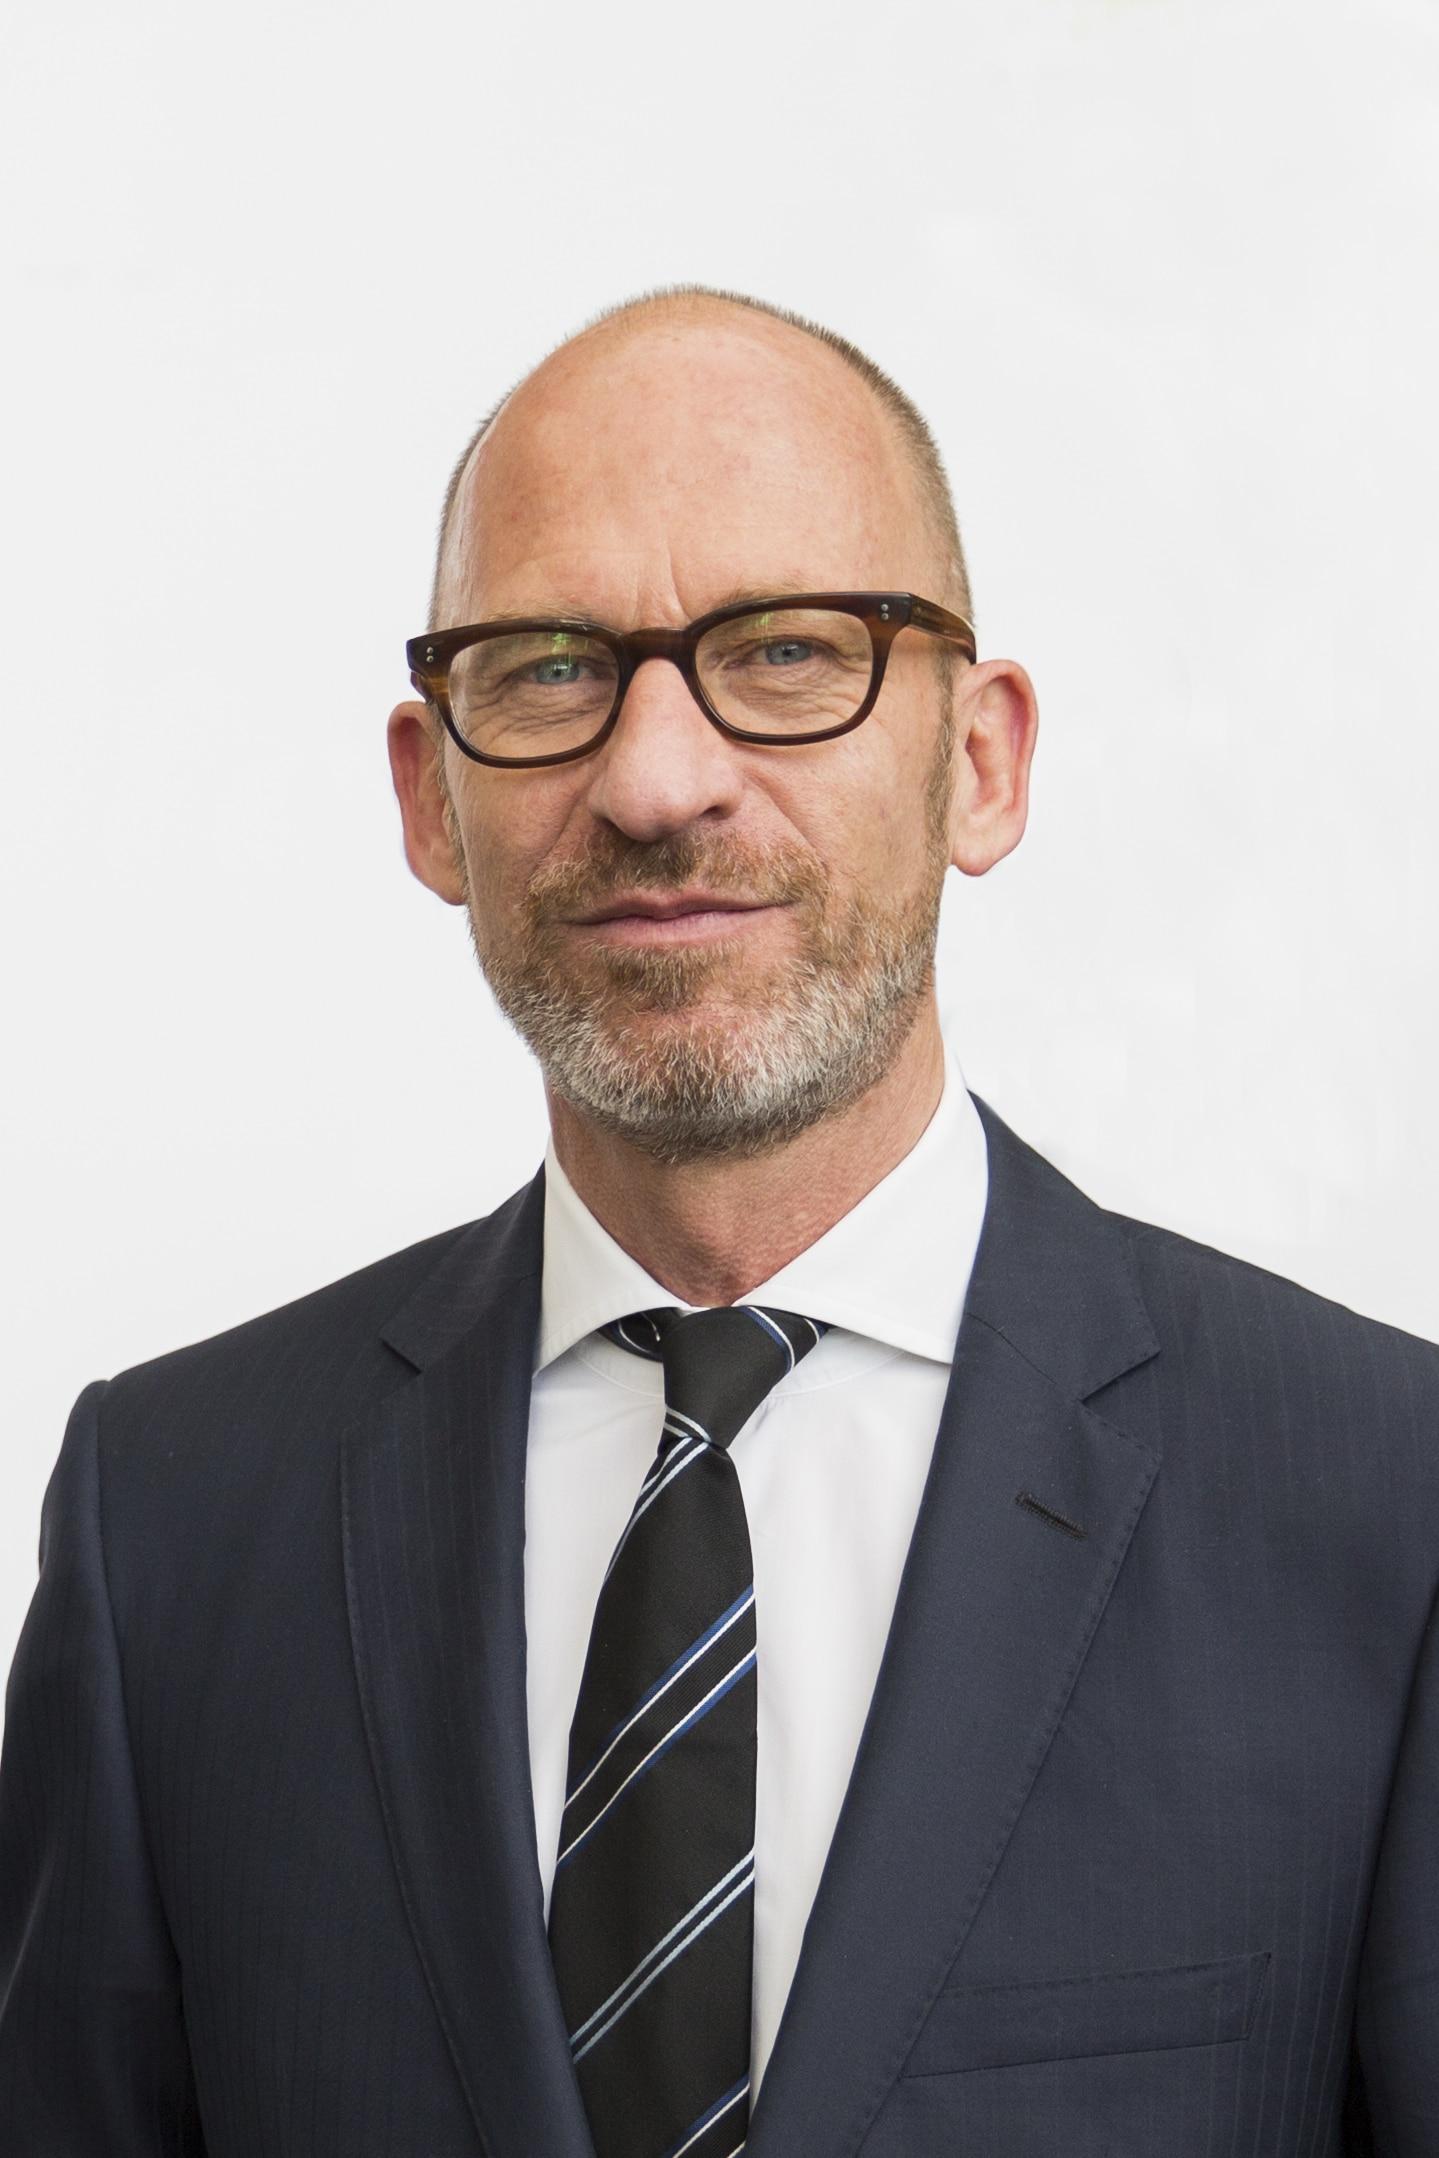 Patrick Kammerer (c) Gero Breloer für wafg